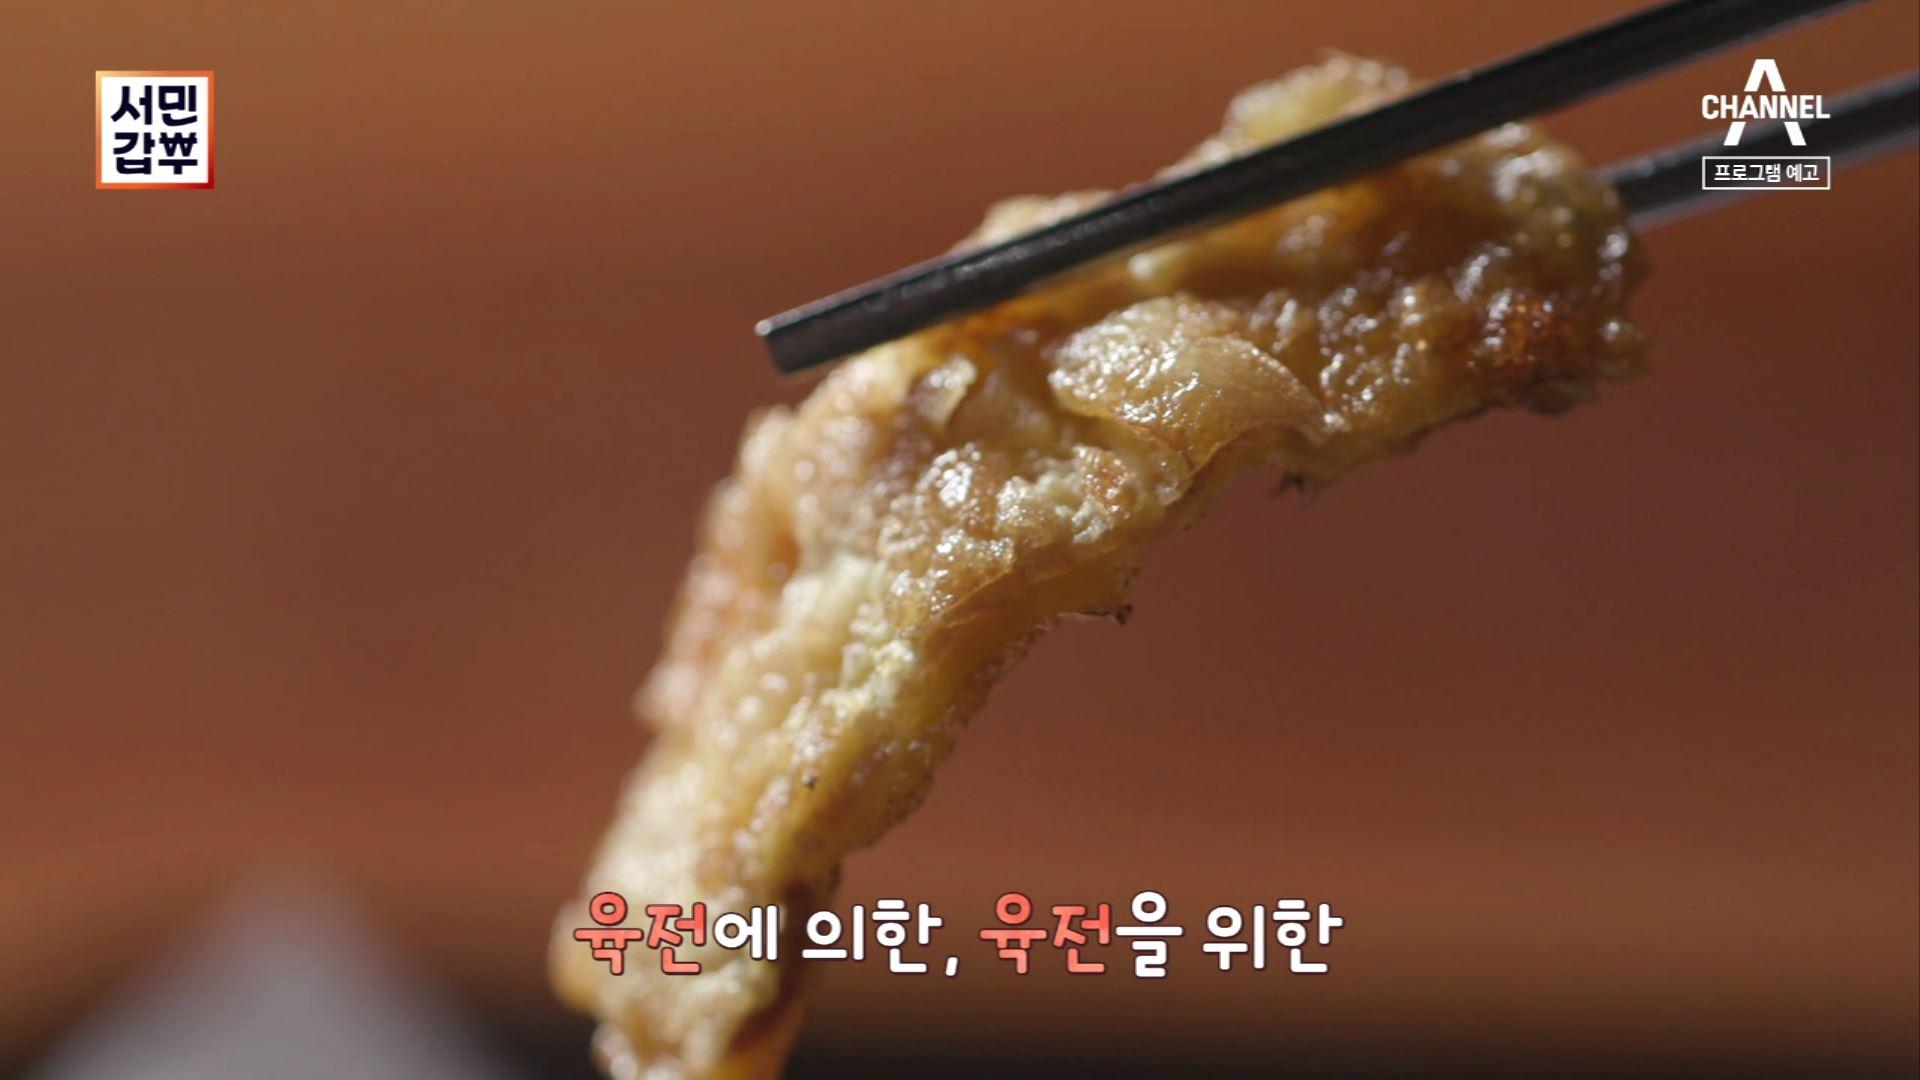 [예고] '육'천원 짜리 '육'전으로 인생역전! 노점상....